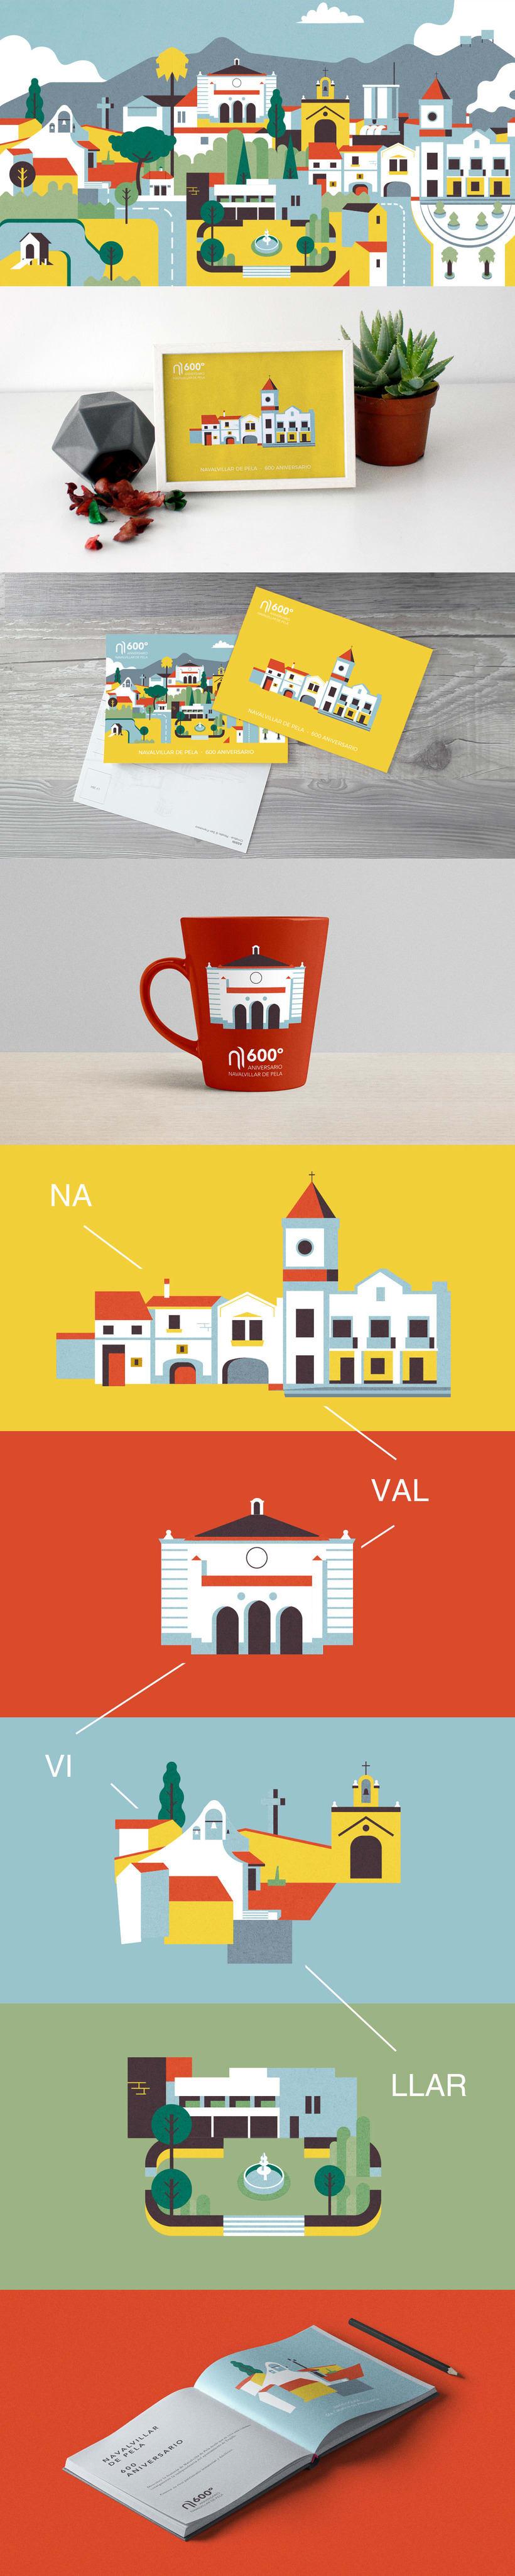 Diseño, ilustraciones y skyline de Navalvillar de Pela (Badajoz) 0